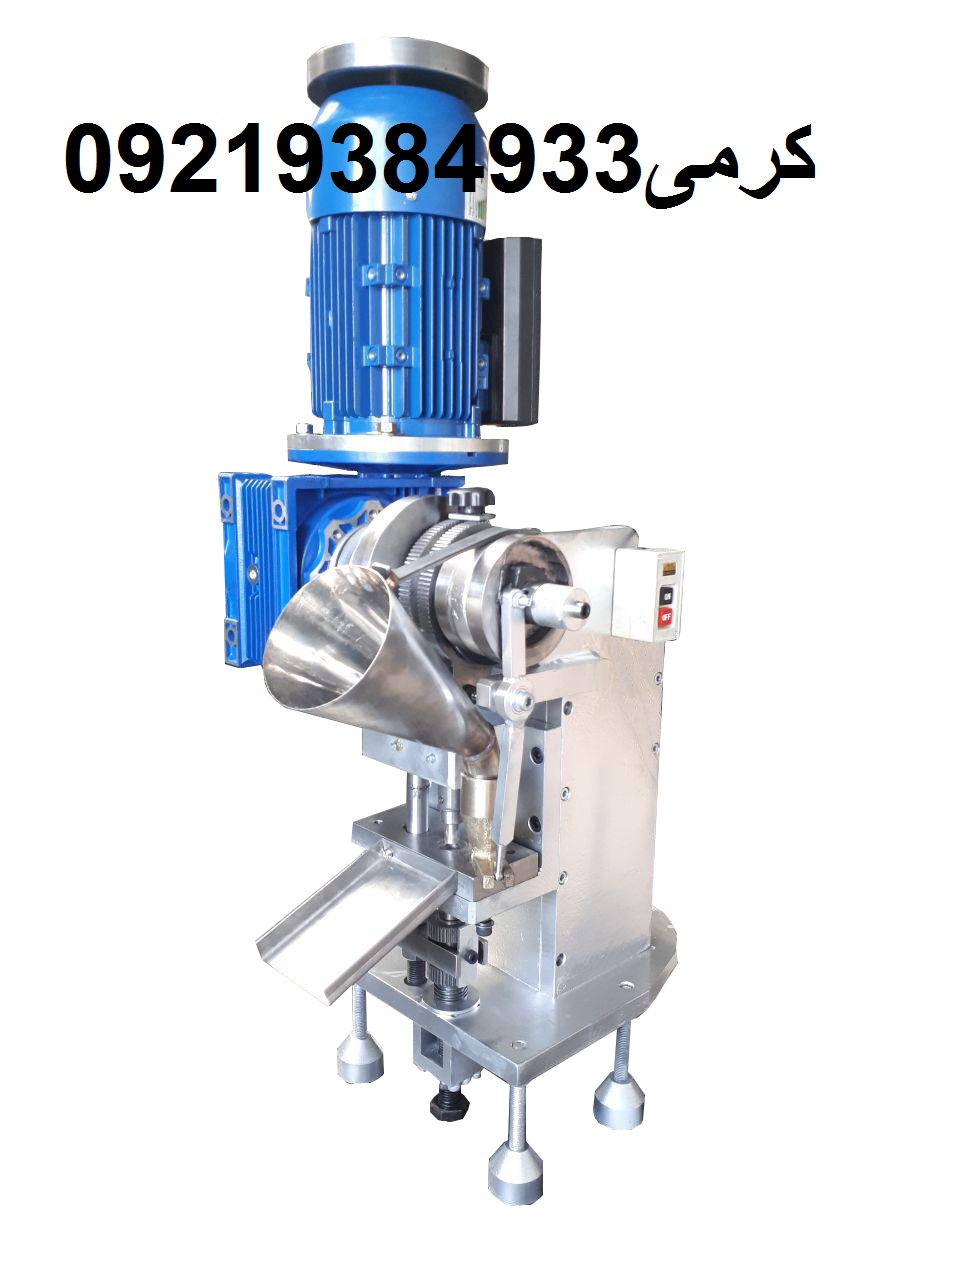 دستگاه قرص ساز وسیله ای ست مکانیکی که برای فشرده سازی پودر به شکل قرص های هم شکل و هم وزن در سایز و شکل دلخواه با قابلیت درج آرم محصول استفاده می شود. industry industrial-machinery industrial-machinery